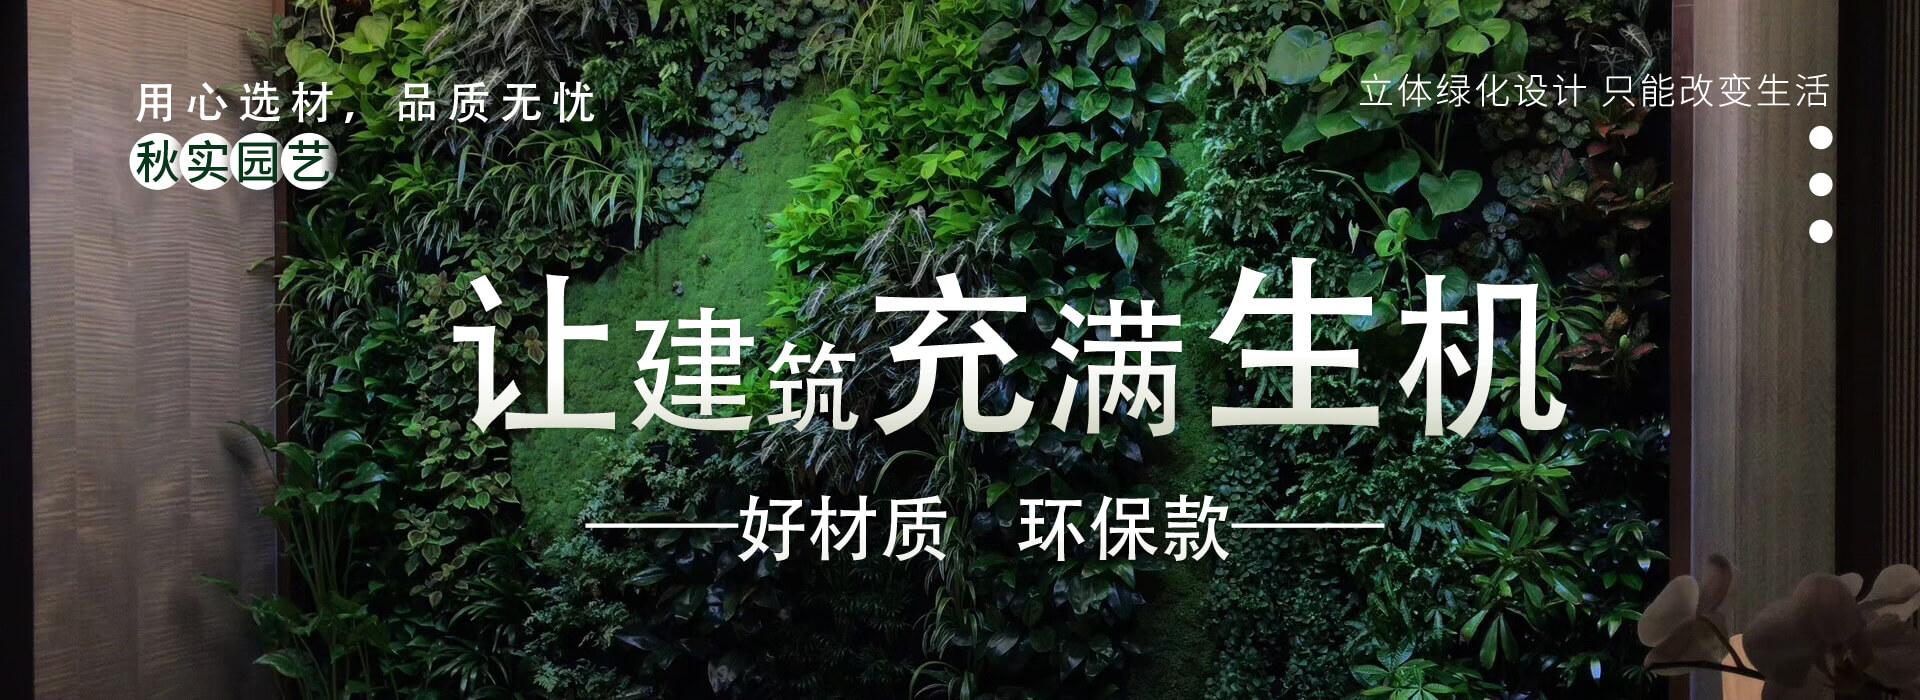 沈阳仿真植物墙:园林景观-防紫外线仿真植物墙